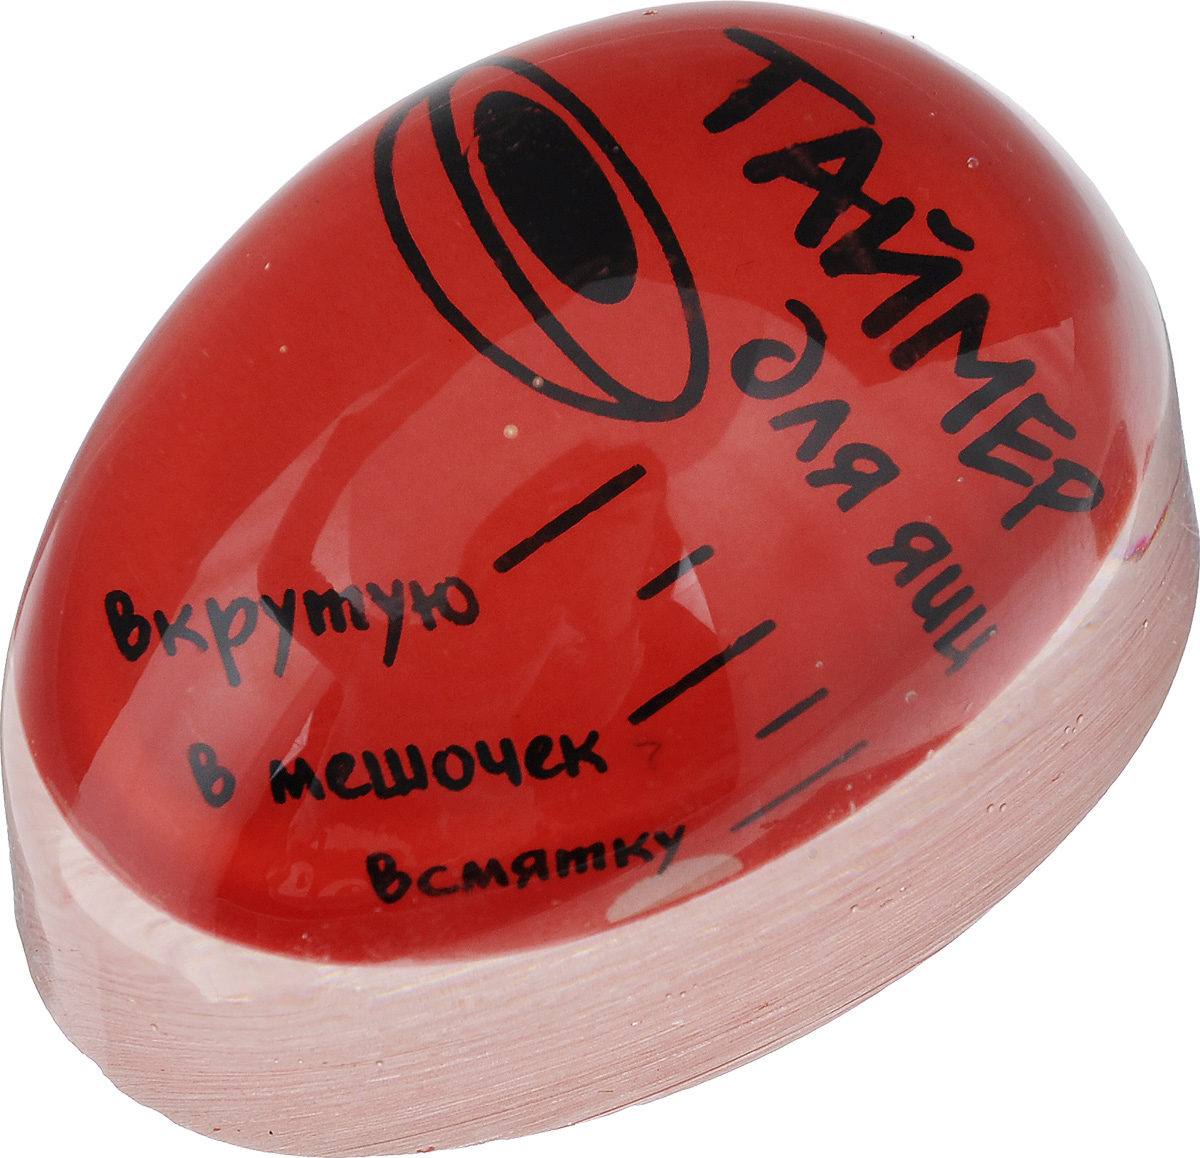 Таймер для варки яиц Miolla, цвет: красный391602Таймер для варки яиц Miolla поможет приготовить яйца в нужном вам виде. Изделие выполнено из высококачественного пластика. Использовать таймер очень просто. Налейте в кастрюлю холодную воду, положите необходимое количество яиц, поместите туда таймер и поставьте на газовую плиту. В процессе варки таймер начнет изменять цвет от внешнего контура. Достижение контуром определенного деления (всмятку, в мешочек, вкрутую) означает соответствующую степень готовности яиц. Оригинально и просто!